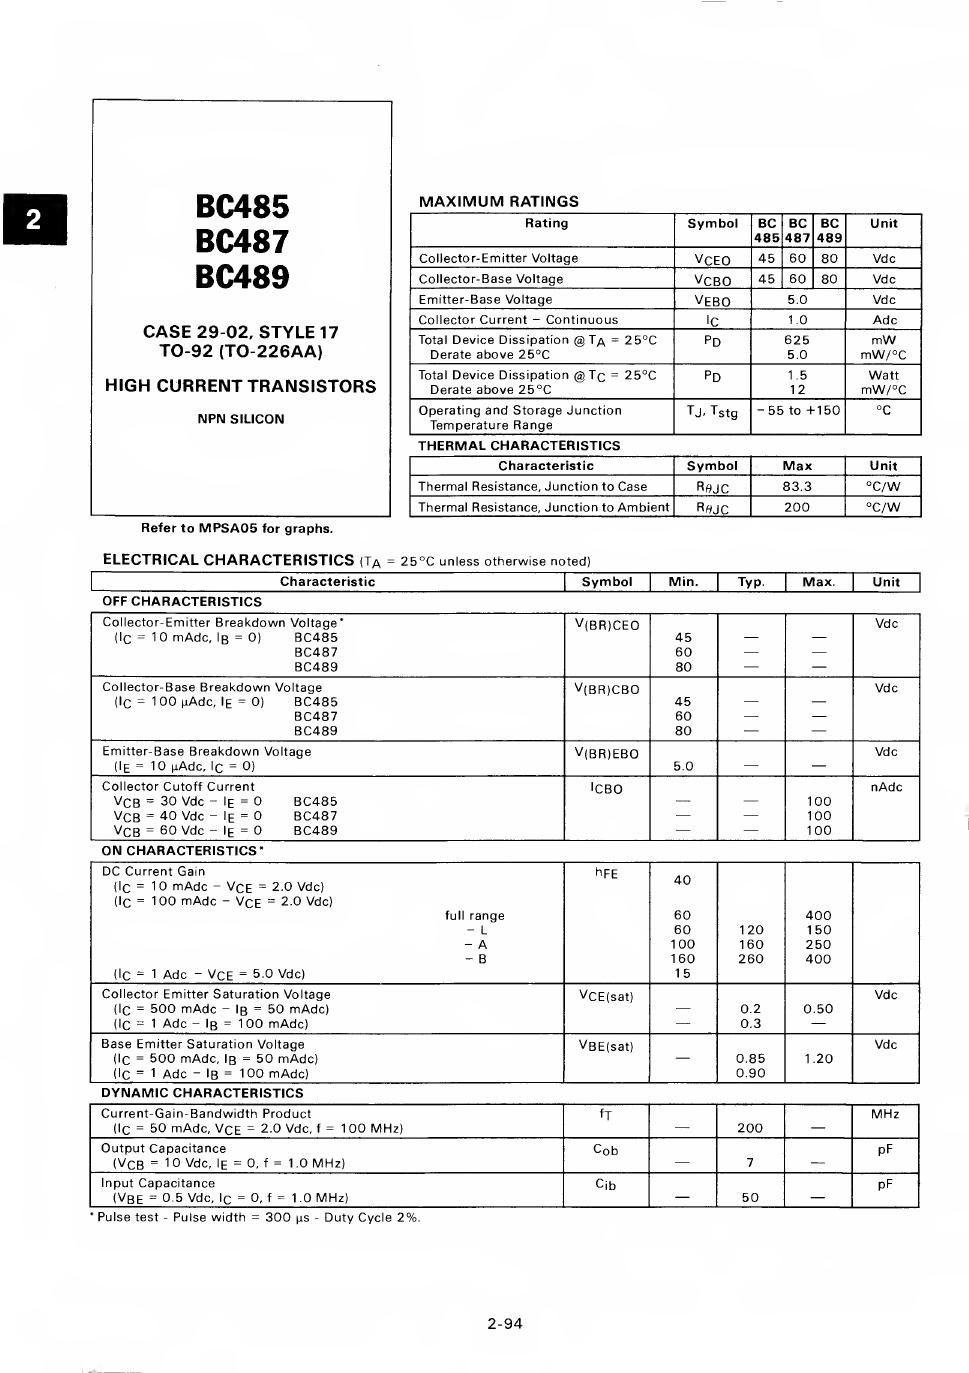 BC485 데이터시트 및 BC485 PDF